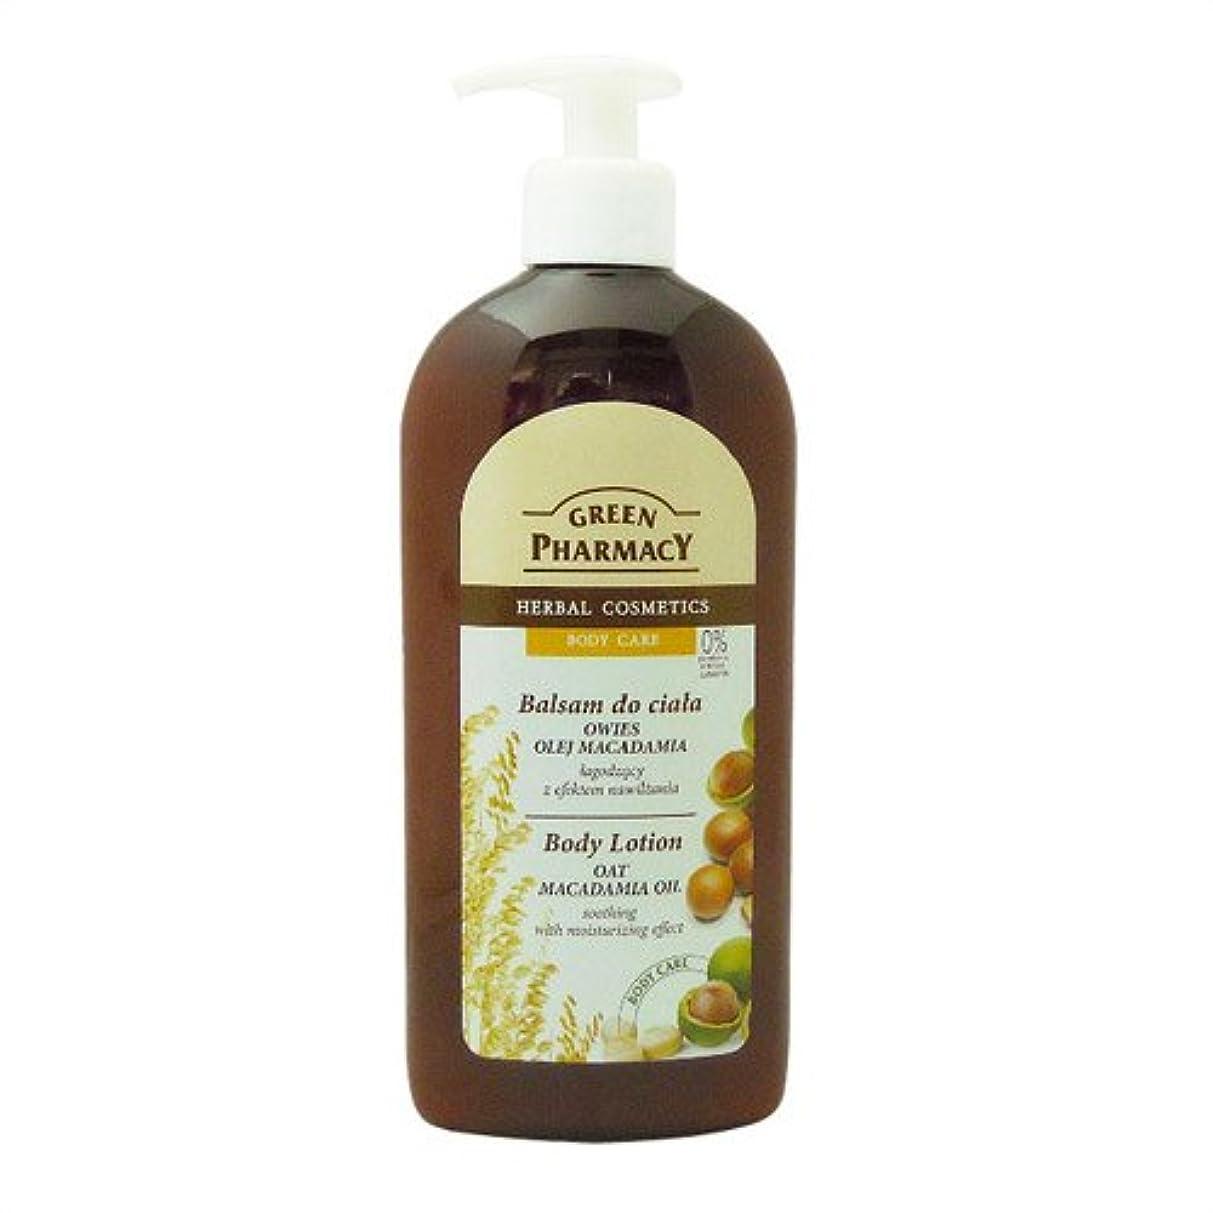 窒素比較富豪Elfa Pharm Green Pharmacy グリーンファーマシー Body Lotion ボディローション Oat Macadamia Oil